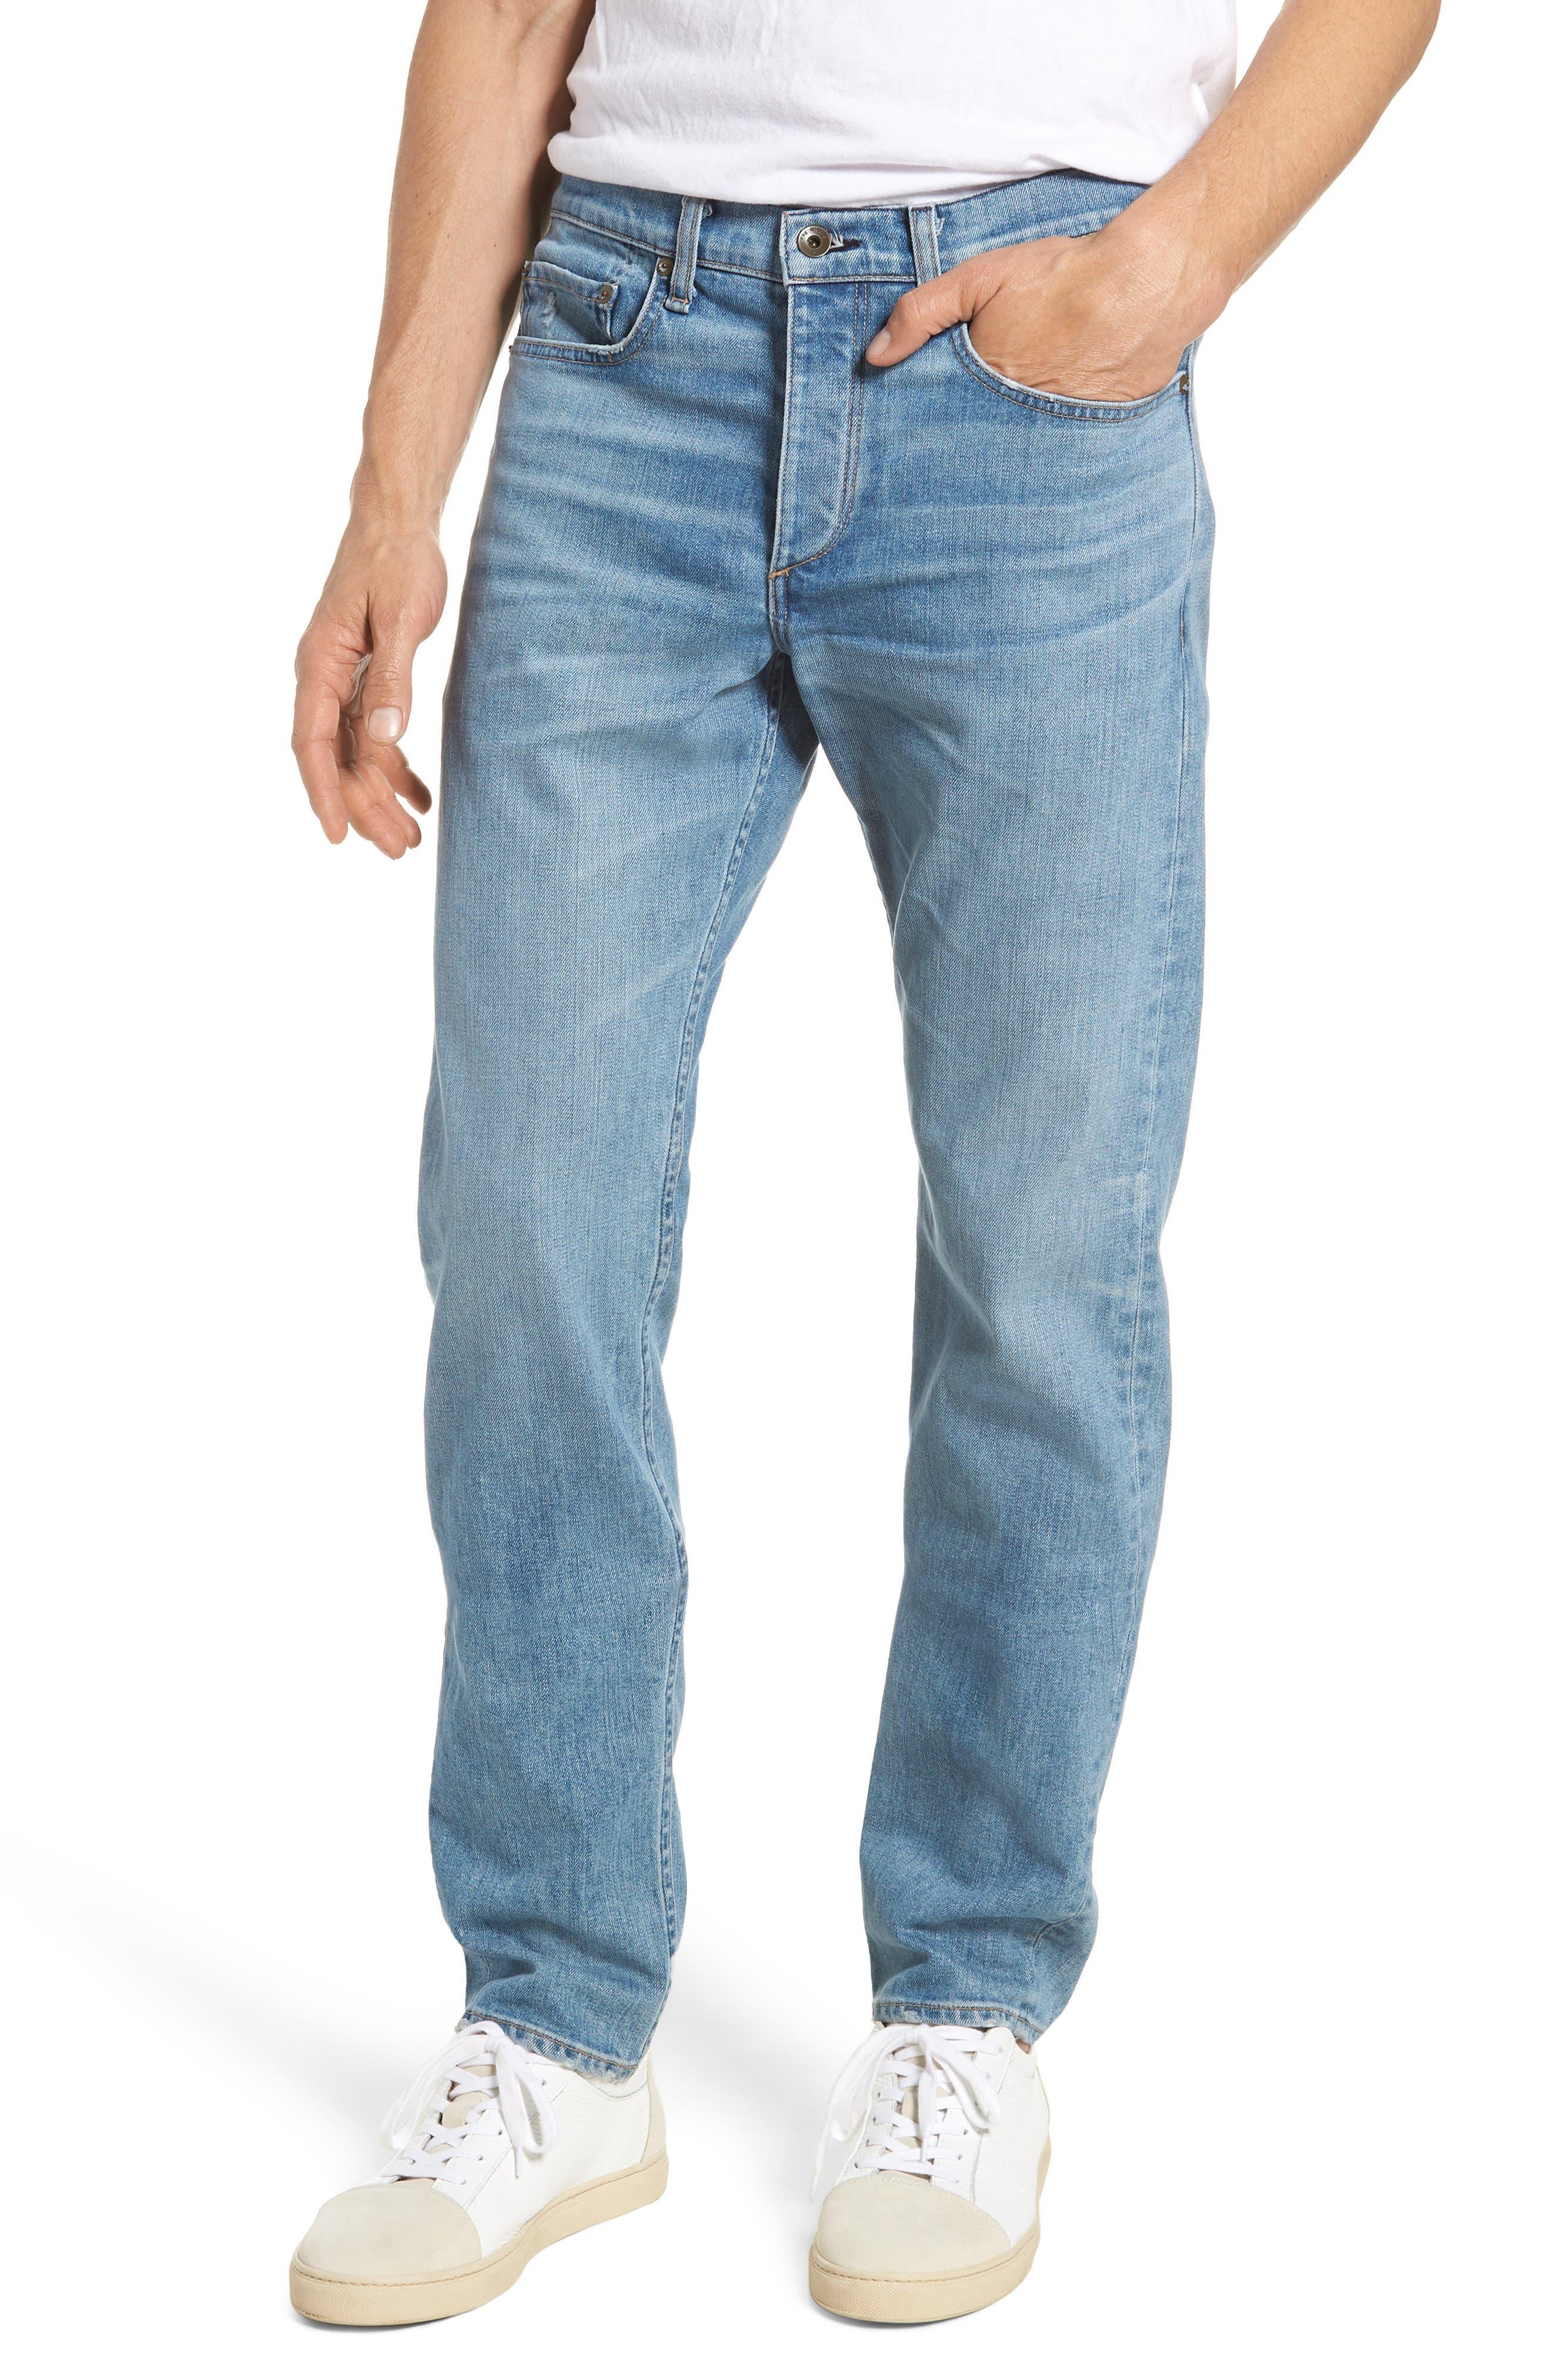 Fit 2 Slim Fit Jeans,                         Main,                         color, 420